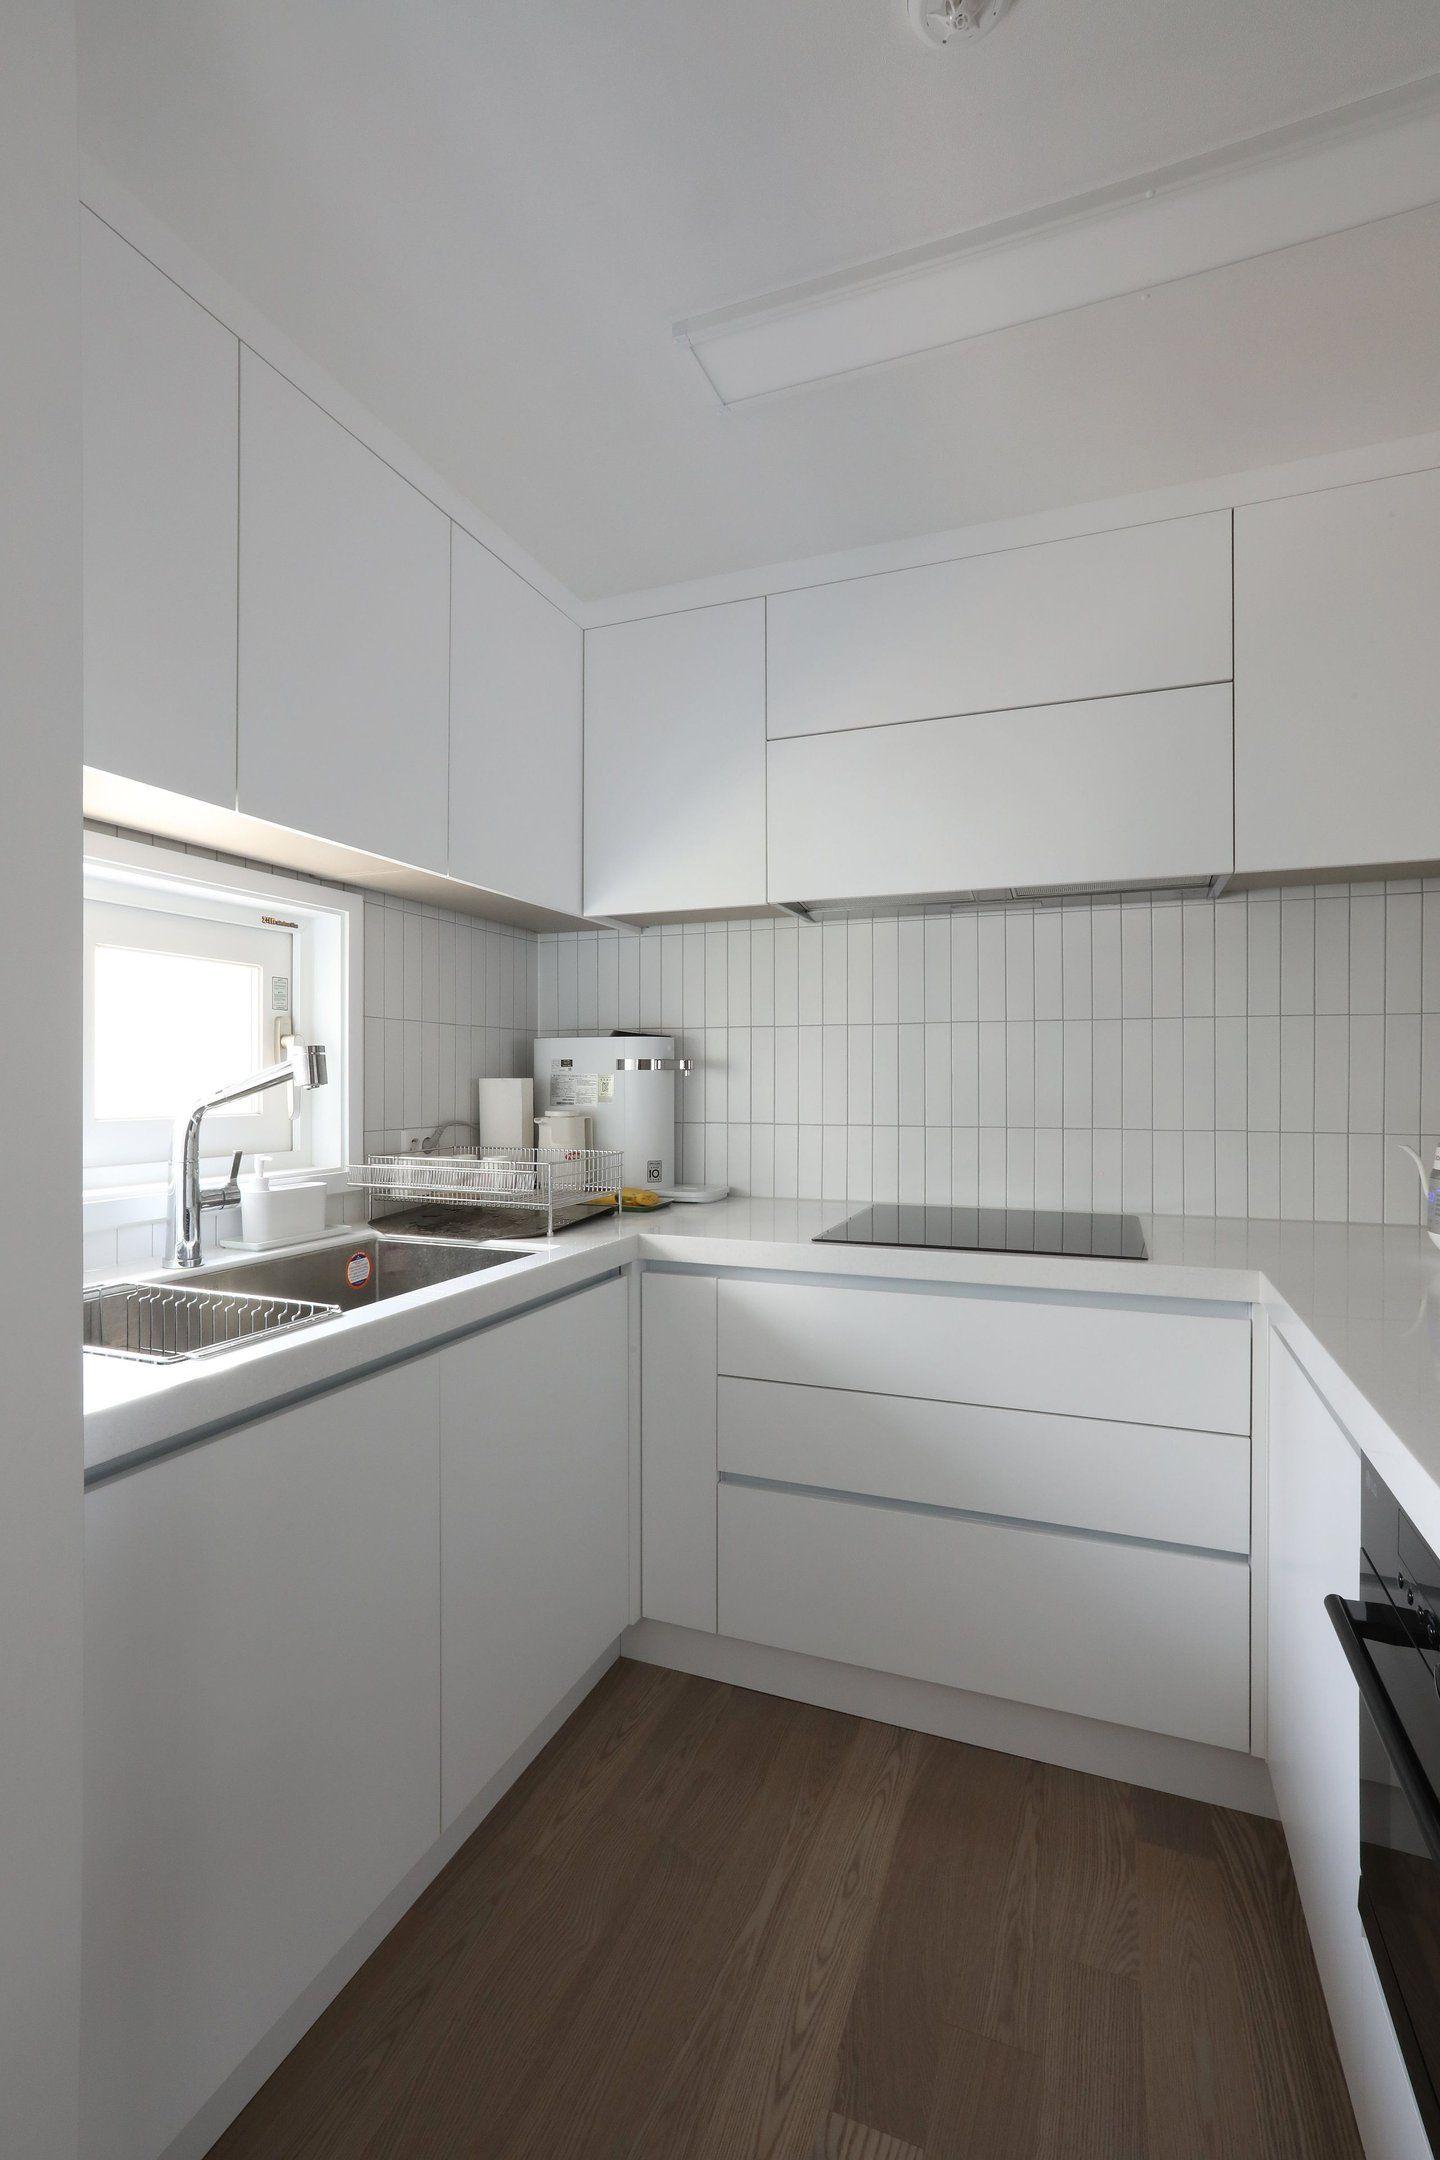 제작가구로 공간과 수납을 동시에 할수있는 아파트인테리어 오늘의집 인테리어 고수들의 집꾸미기 부엌 디자인 인테리어 럭셔리 키친